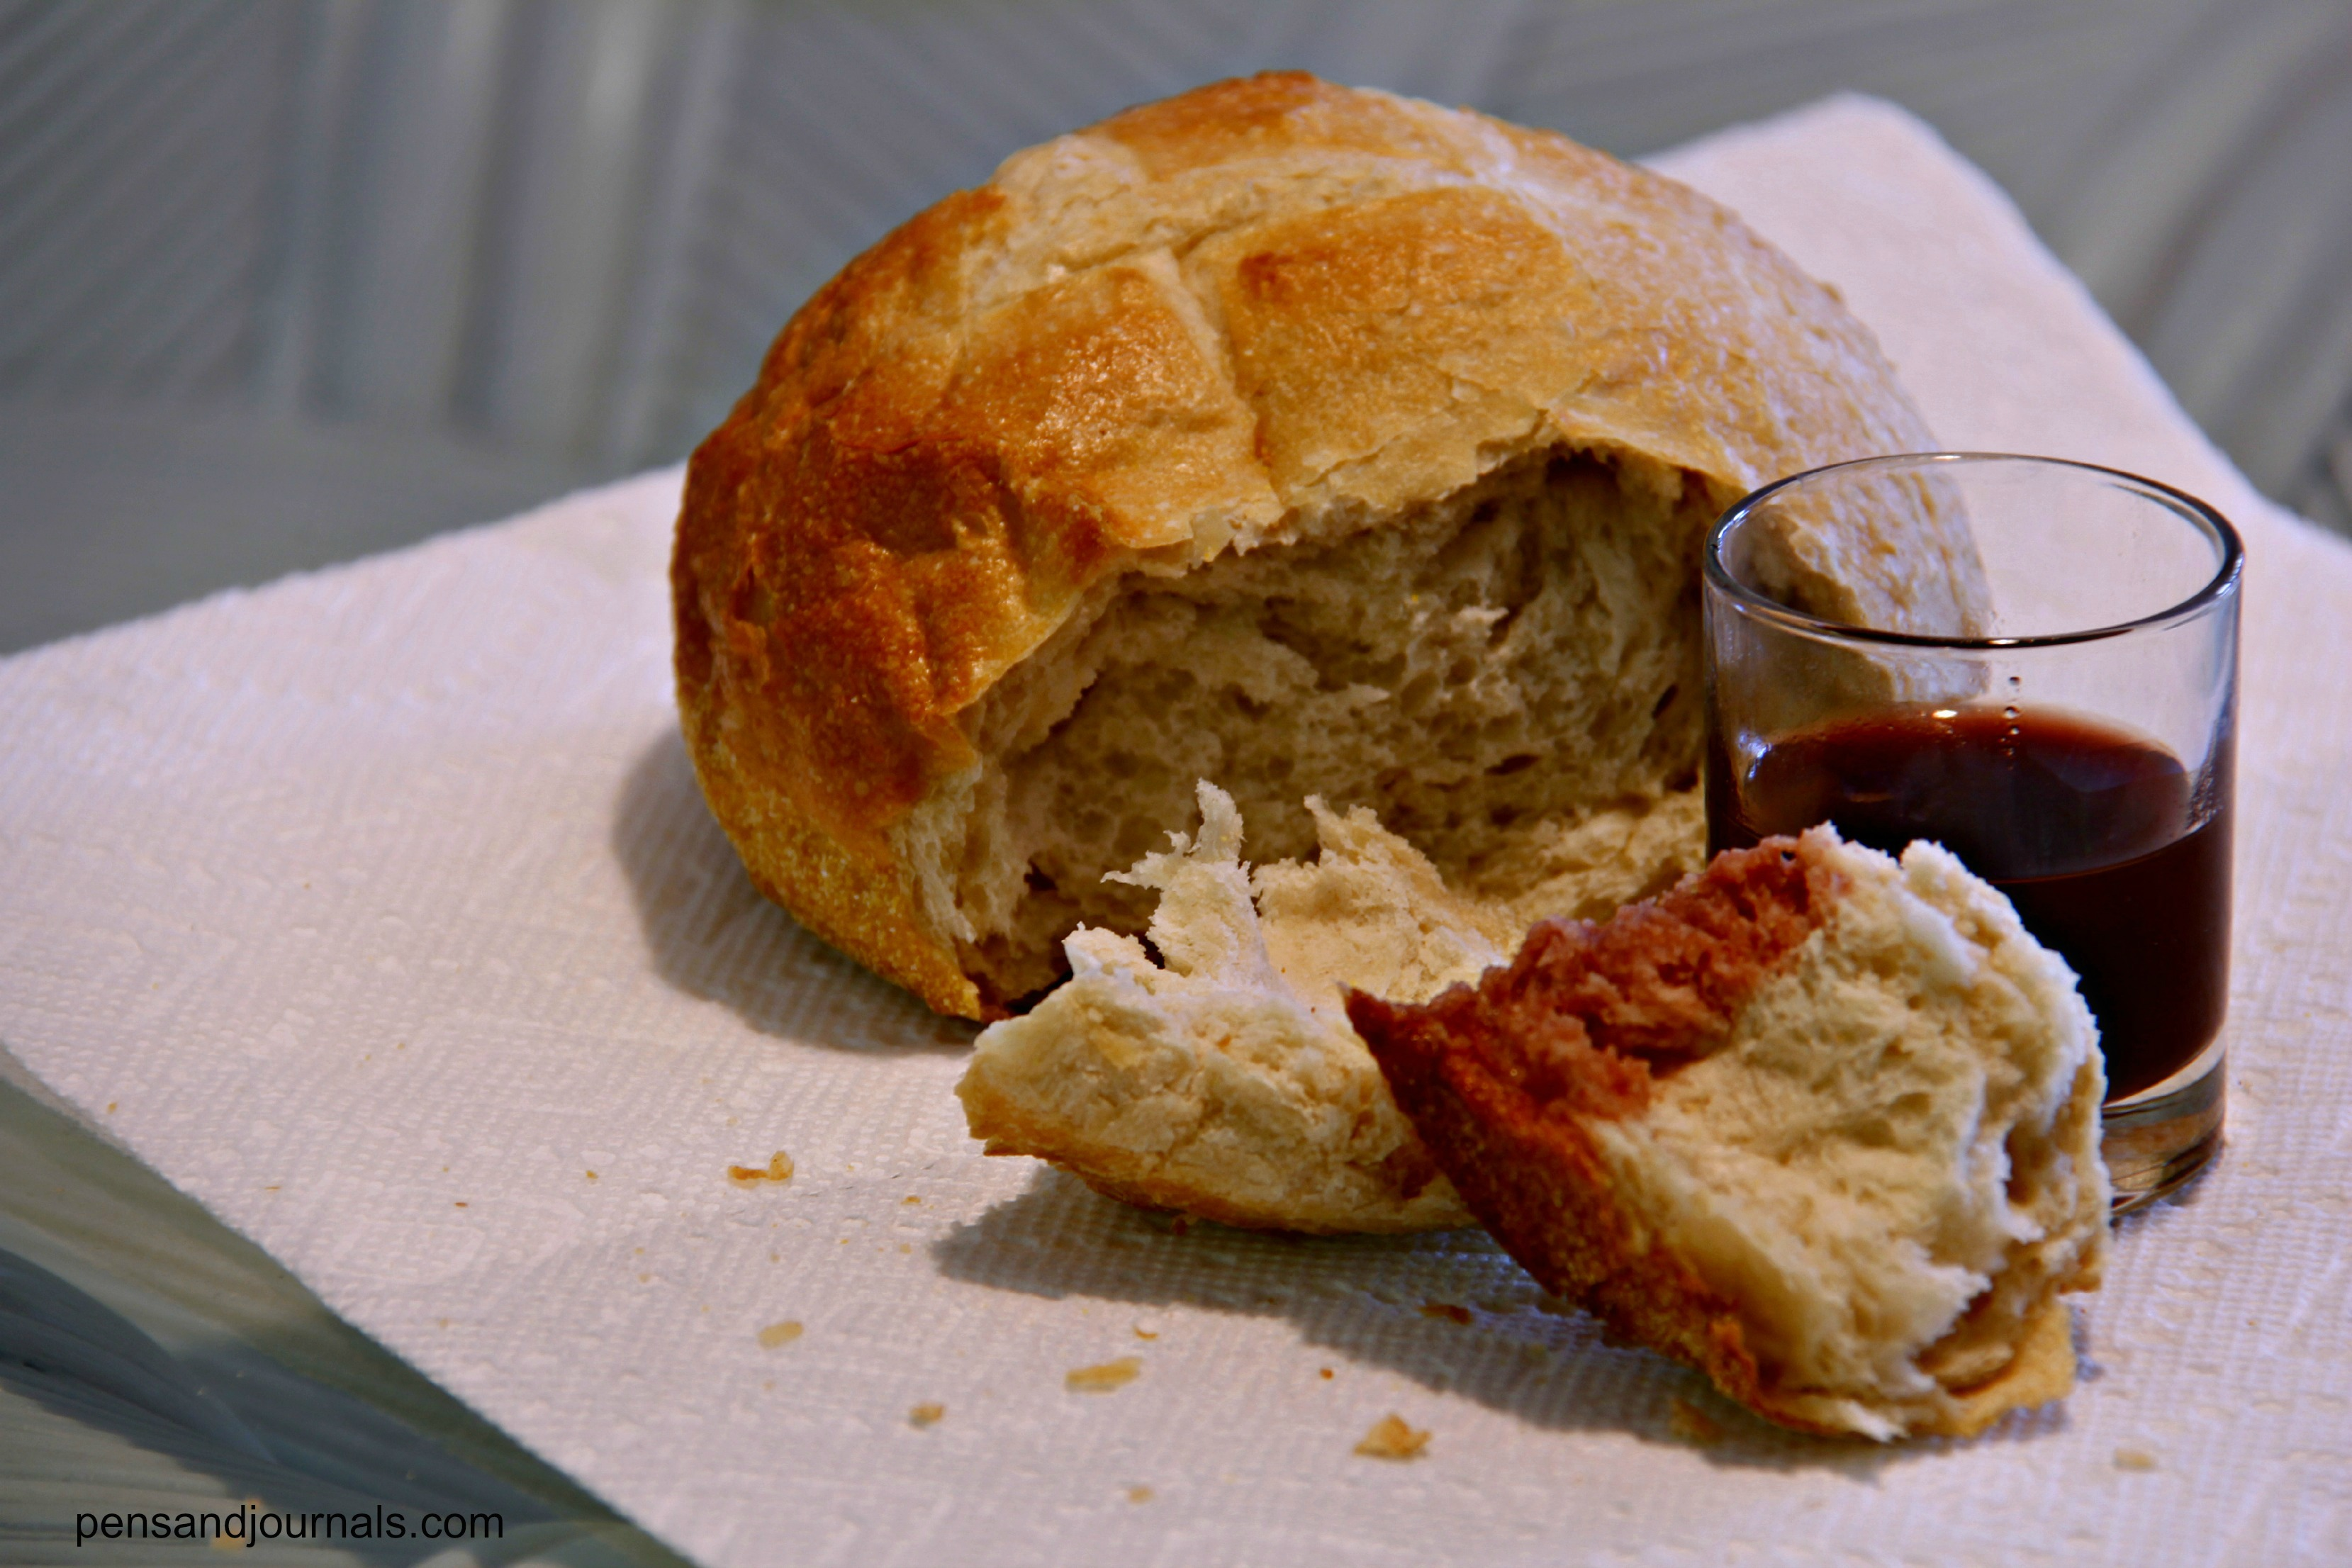 bread and wine wdp - Copy